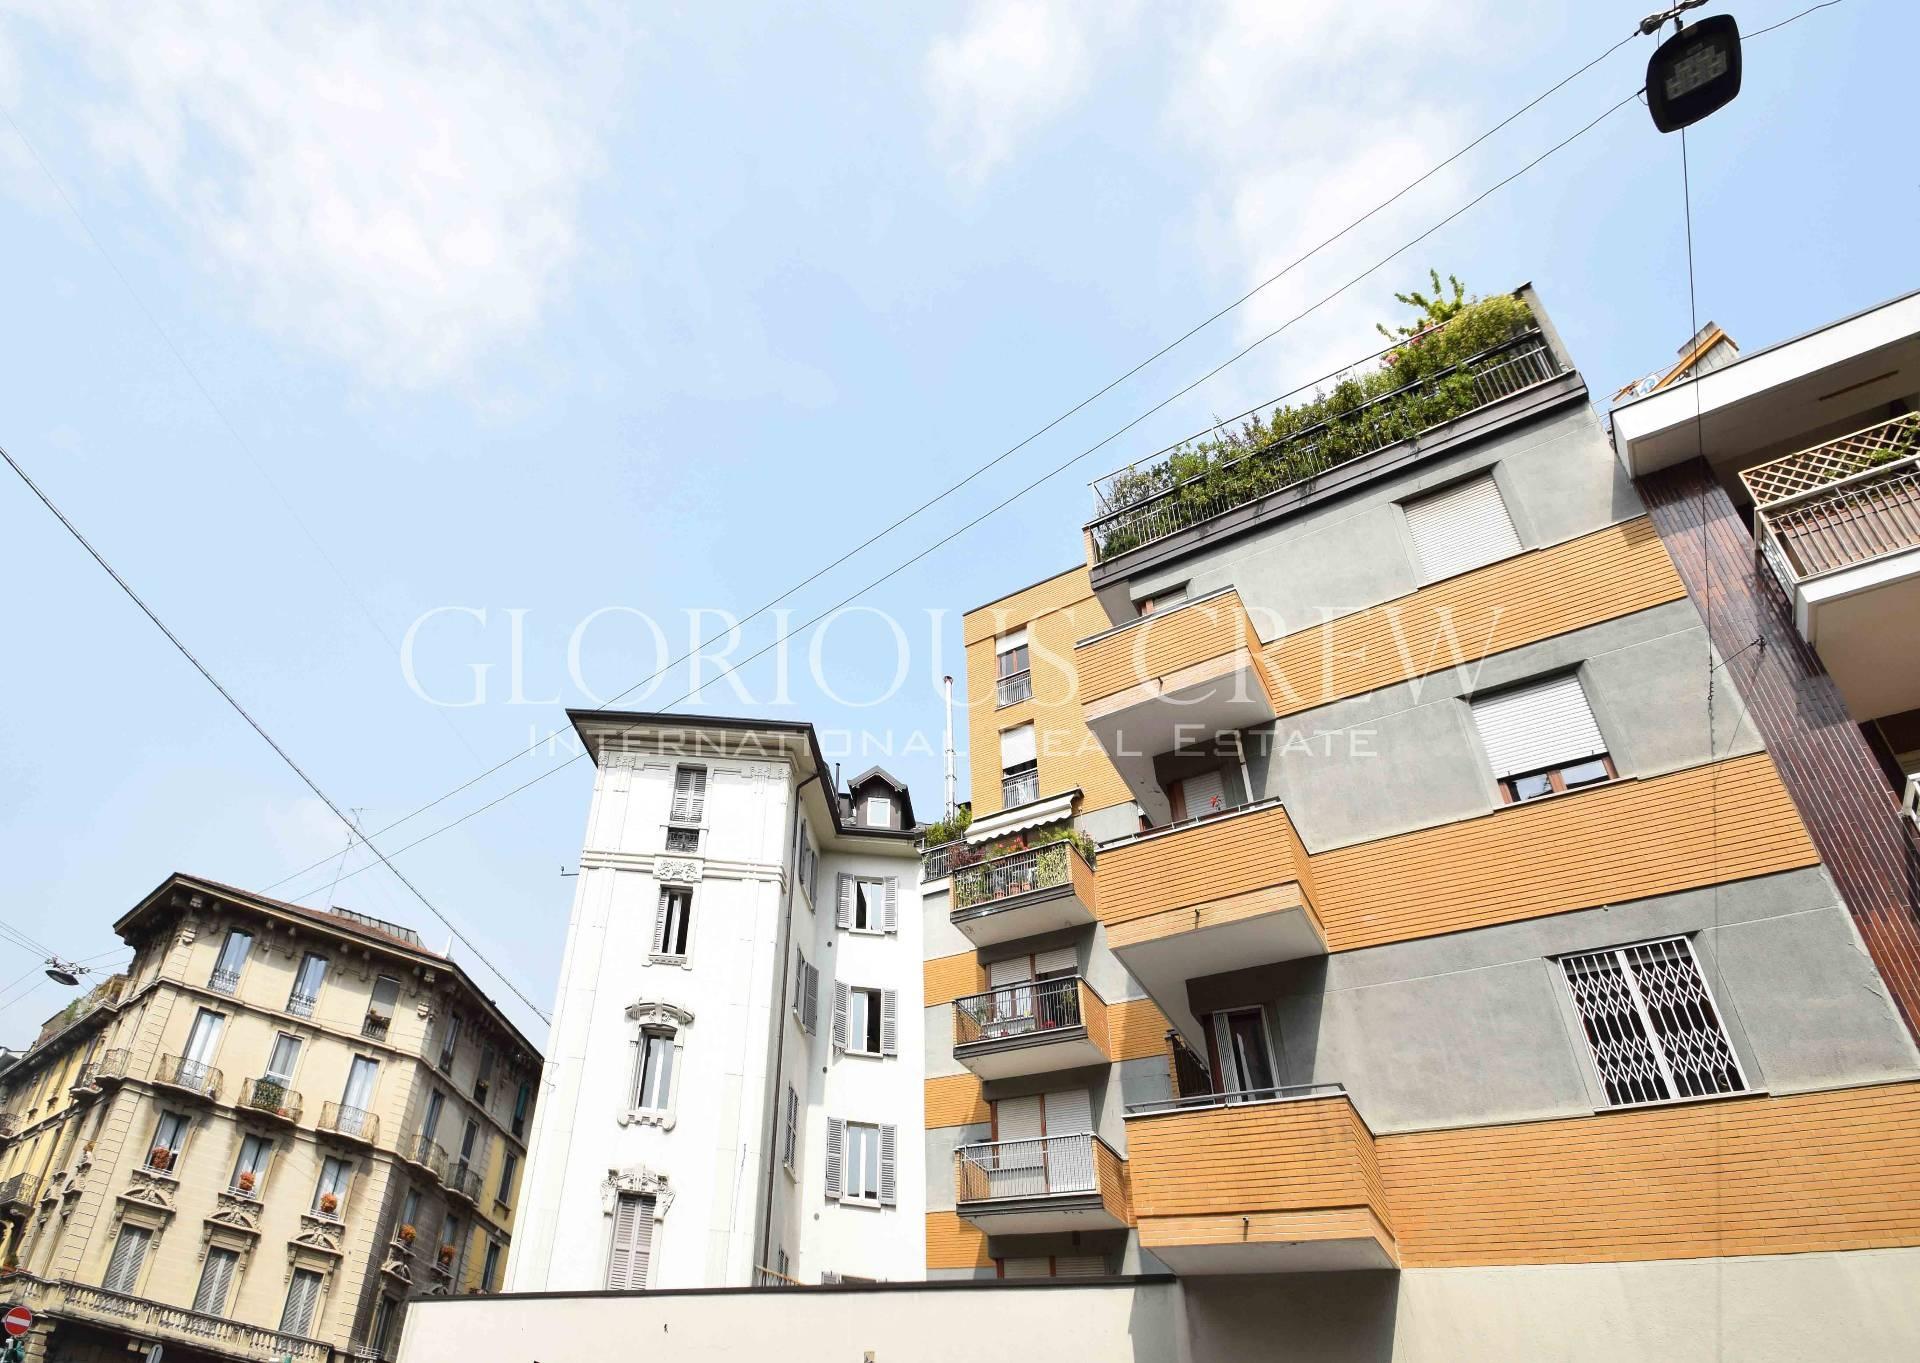 affitto appartamento milano p.ta venezia  1650 euro  3 locali  94 mq